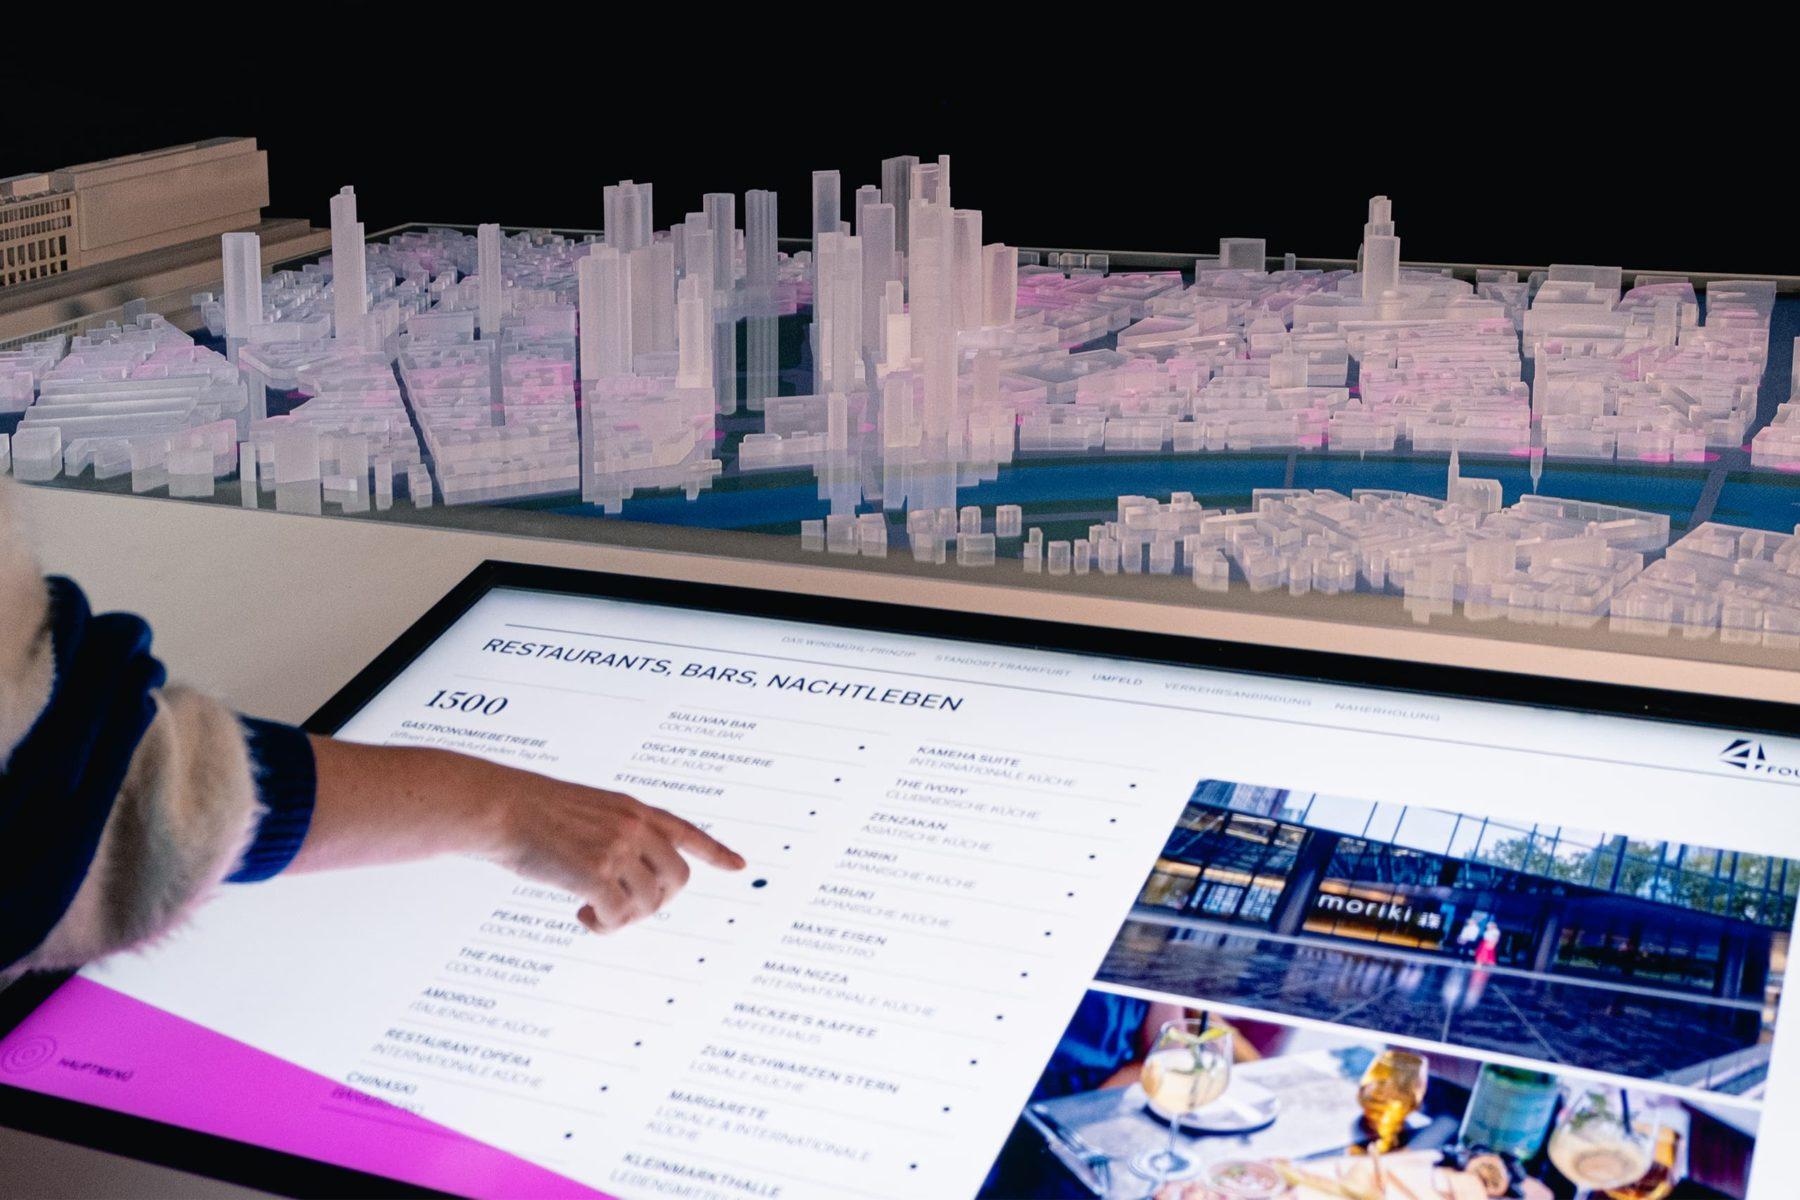 Architekturmodell des FOUR und Stadtmodell von Frankfurt in Acryl im Maßstab 1:1300 zur Präsentation des Immobilienprojekts FOUR Frankfurt von Groß&Partner.